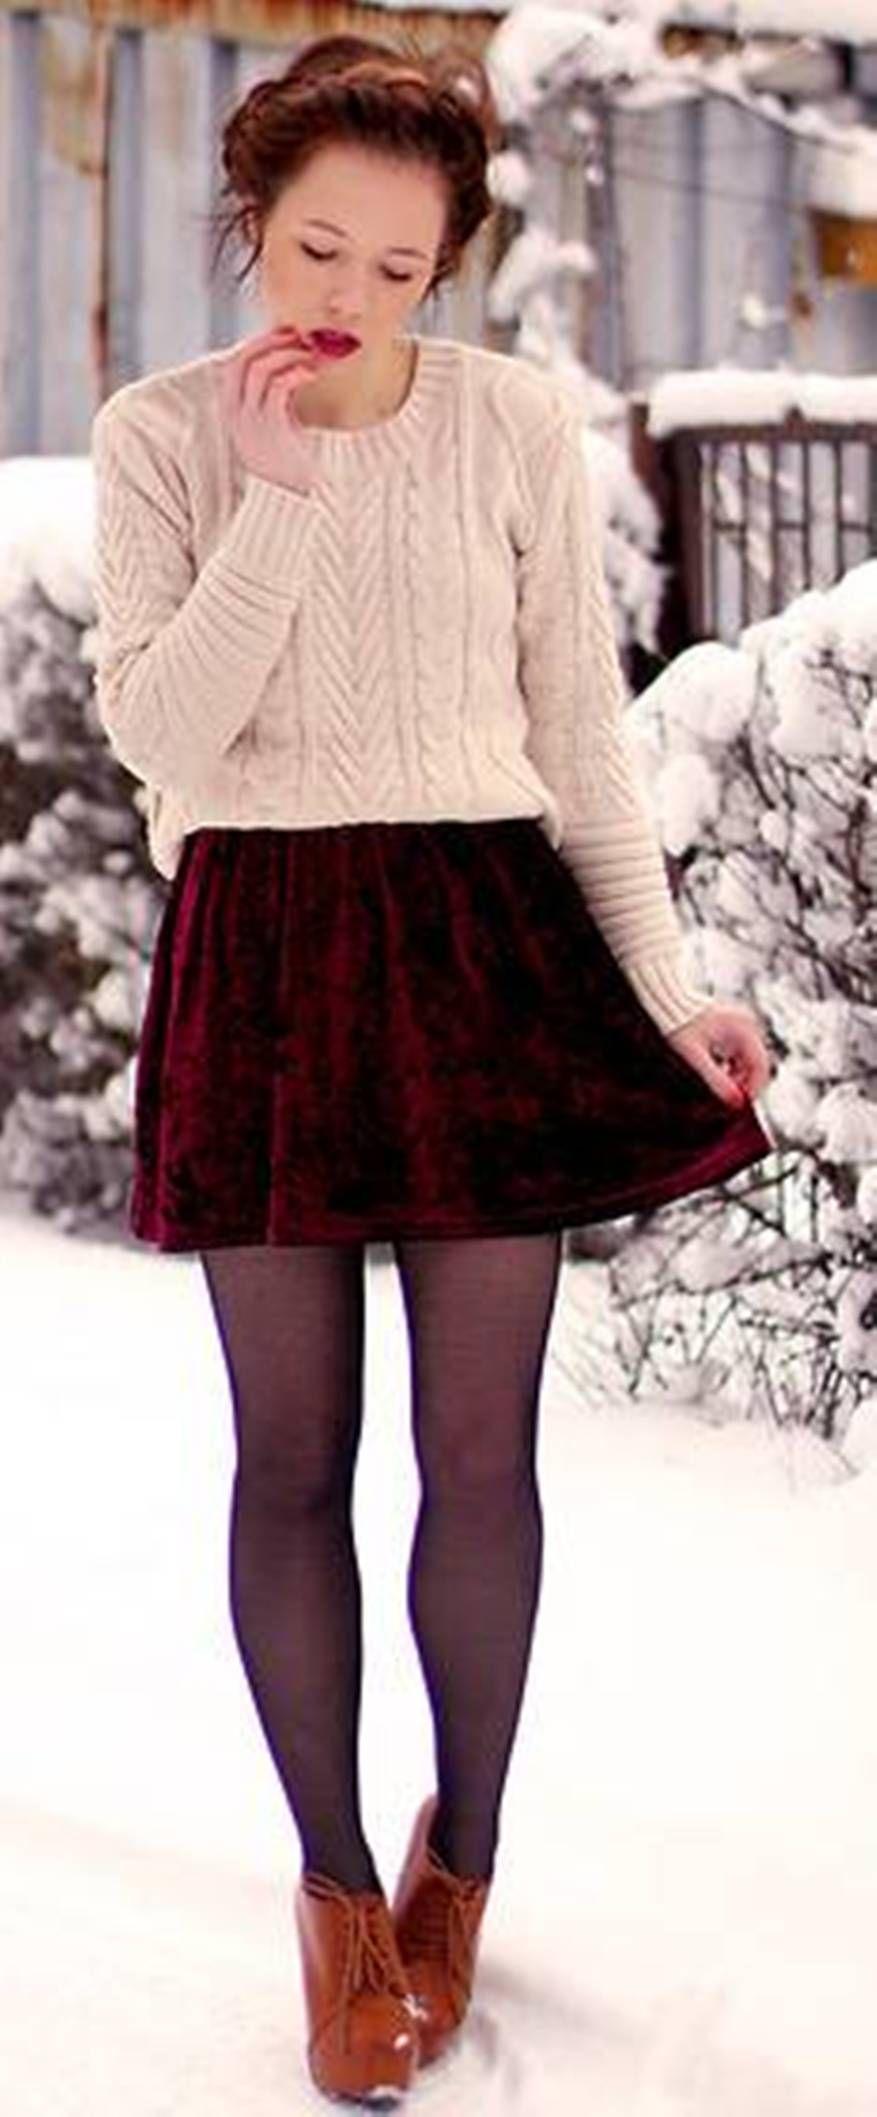 foto How to Wear Velvet Leggings-18 Cute Outfits with Velvet Leggings